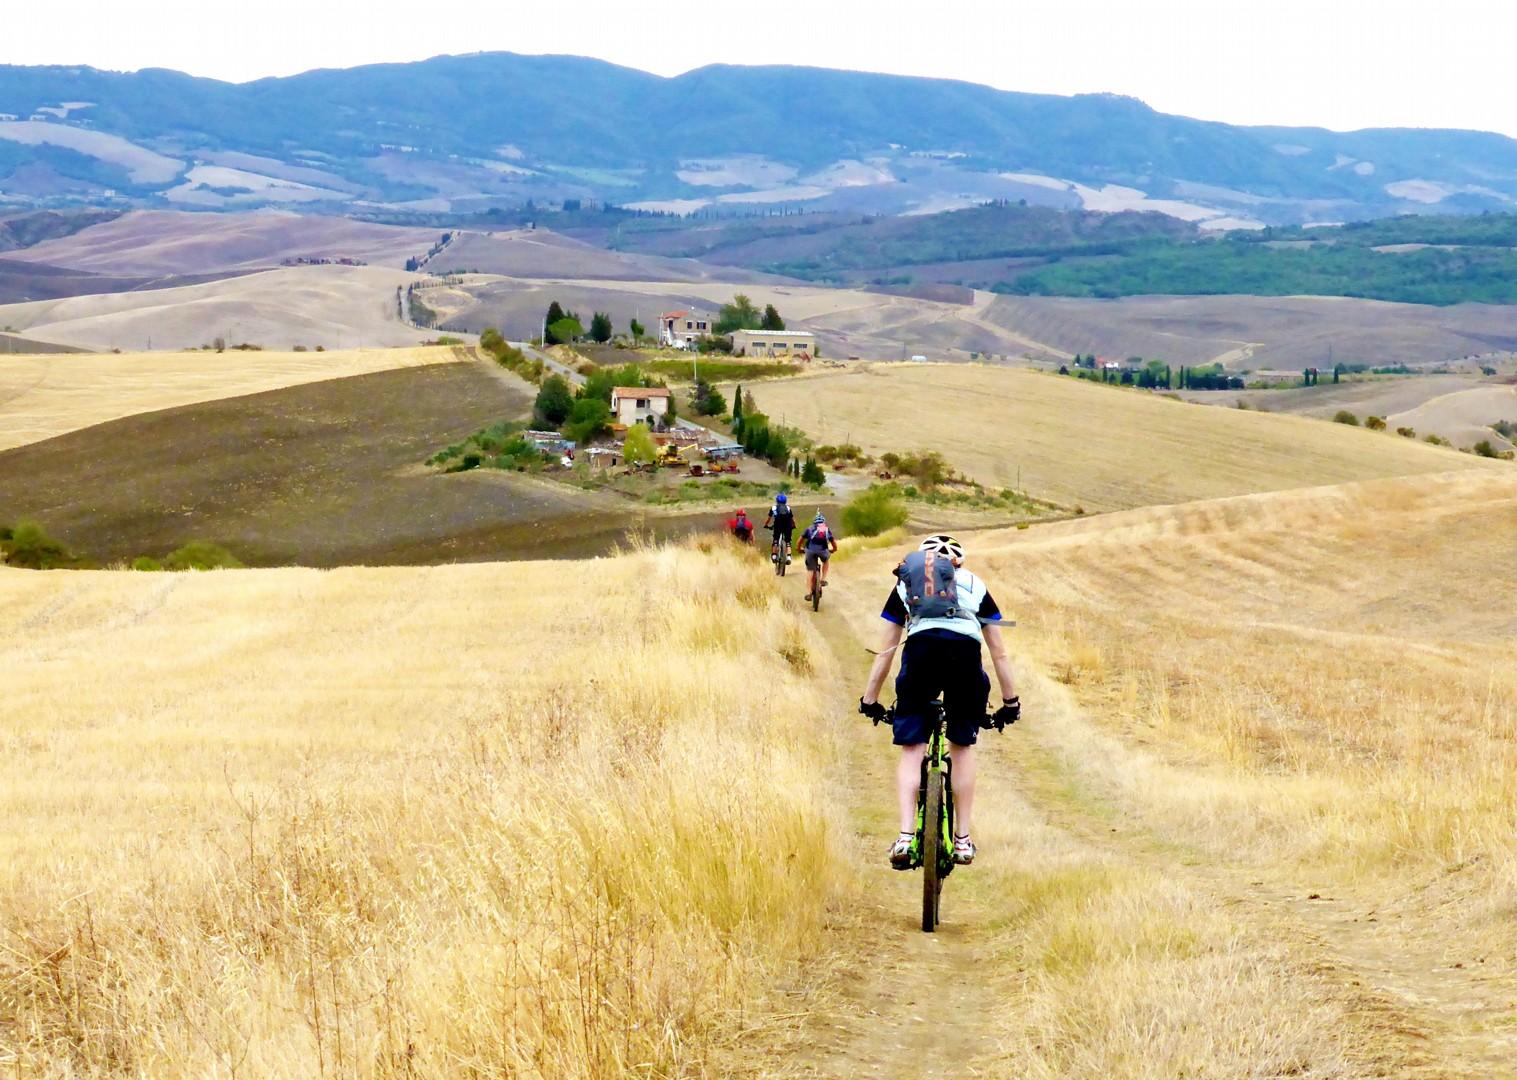 italy-self-guided-mountain-bike-holiday-saddle-skedaddle.jpg - Italy - Via Francigena (Tuscany to Rome) - Self-Guided Mountain Bike Holiday - Mountain Biking